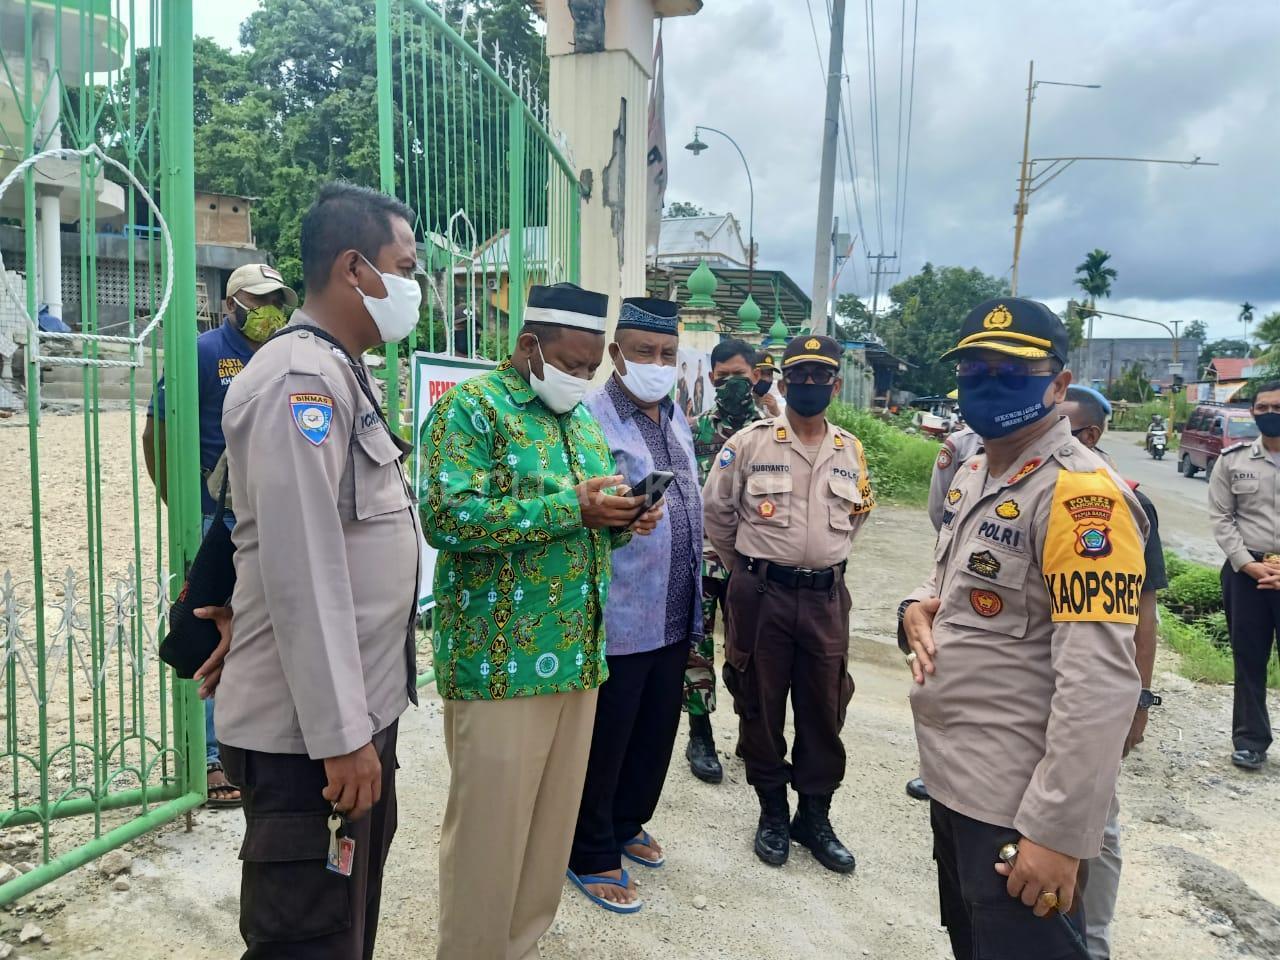 Polres Manokwari Gandeng MUI PB Gelar Patroli Pastikan Tidak Ada Shalat Jumat di Masjid Saat Covid-19 4 IMG 20200501 WA0085